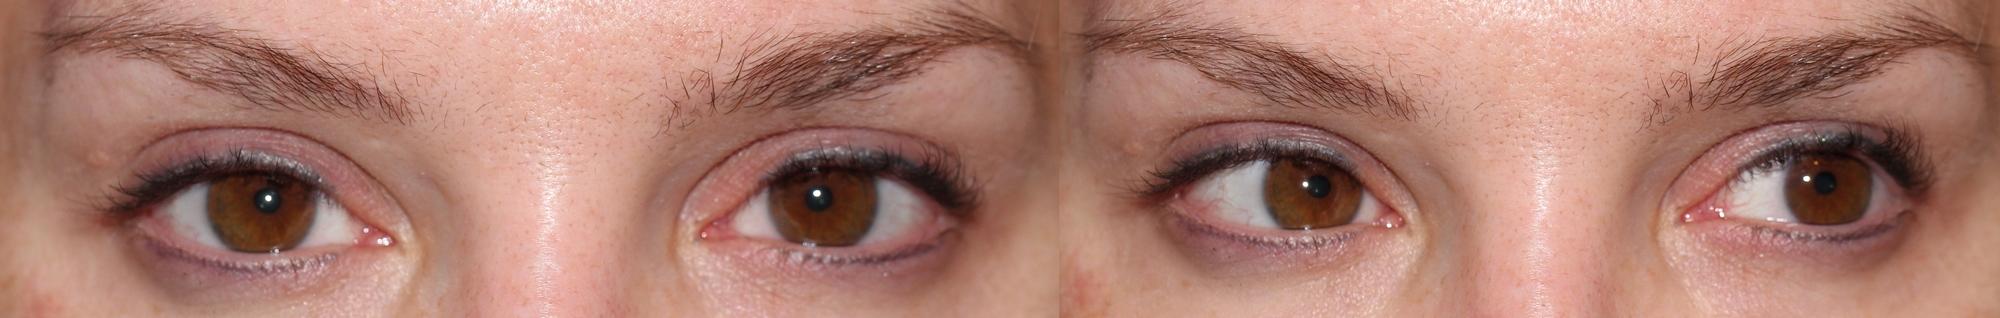 """Wimpern nach acht Wochen->linkes Auge (auf dem Foto rechts) Revitalash-daher """"curl-Effekt"""""""